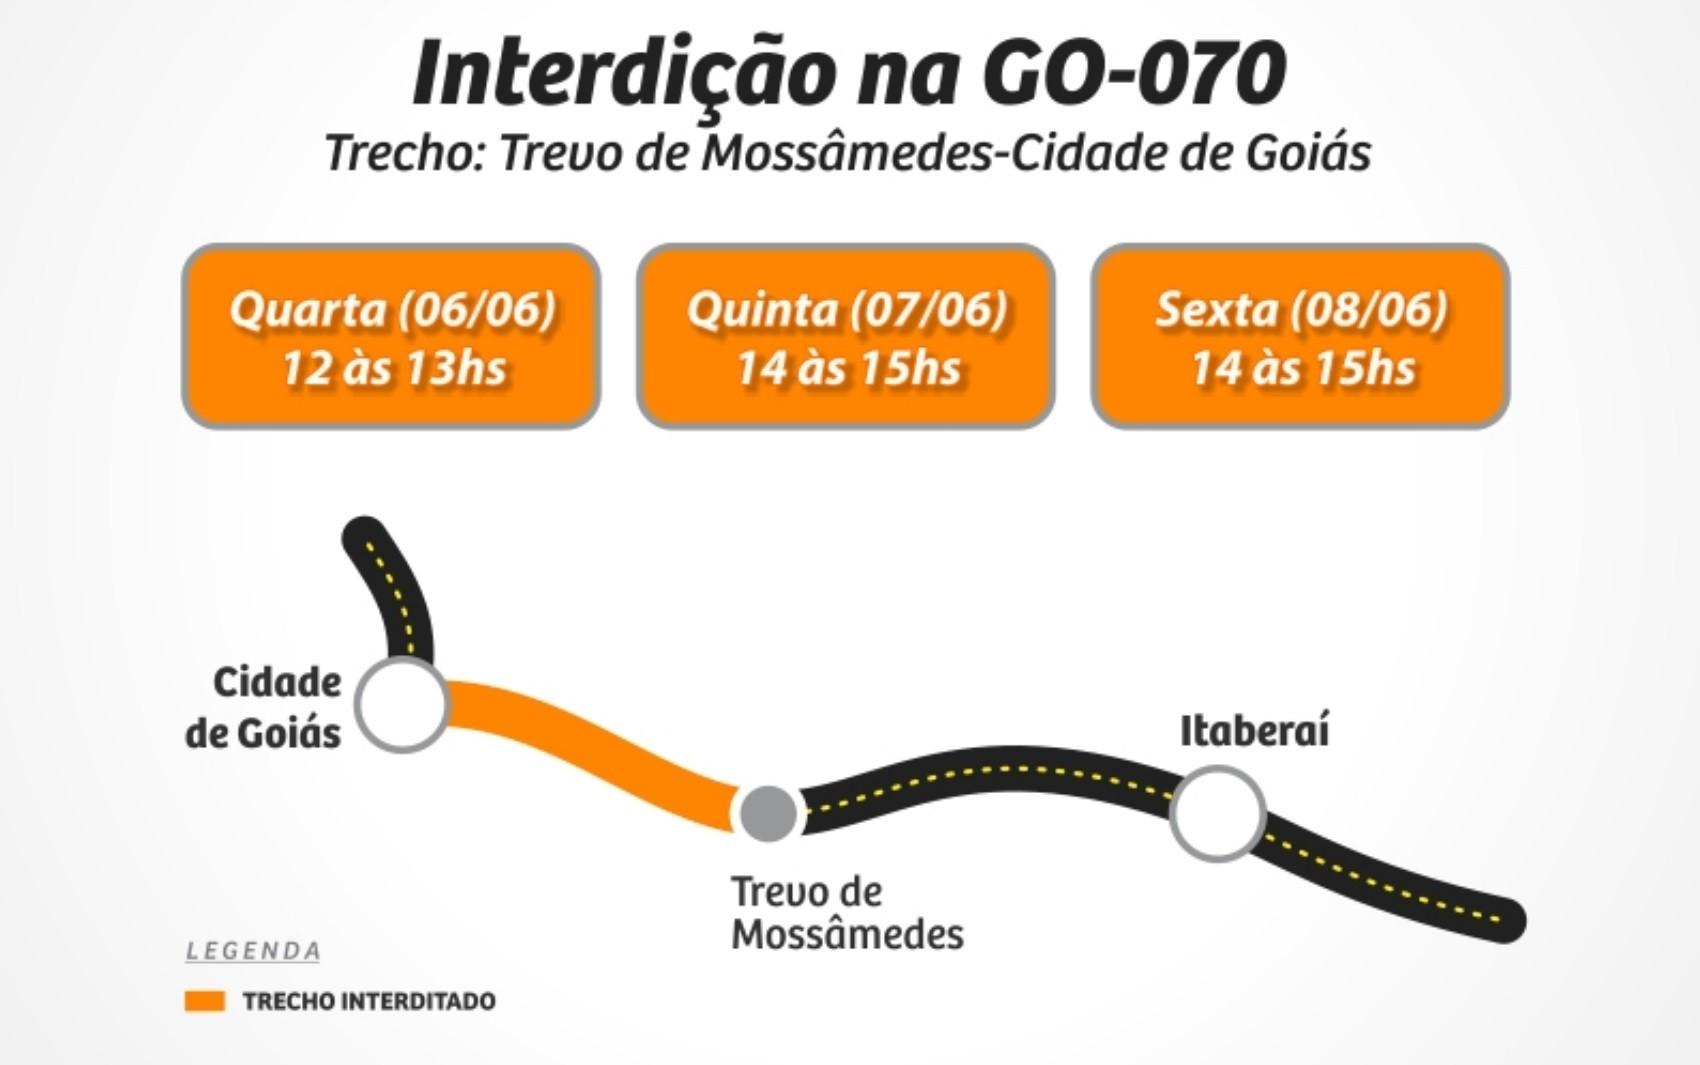 Agetop interrompe tráfego em trechos da GO-070 para obra de duplicação da rodovia